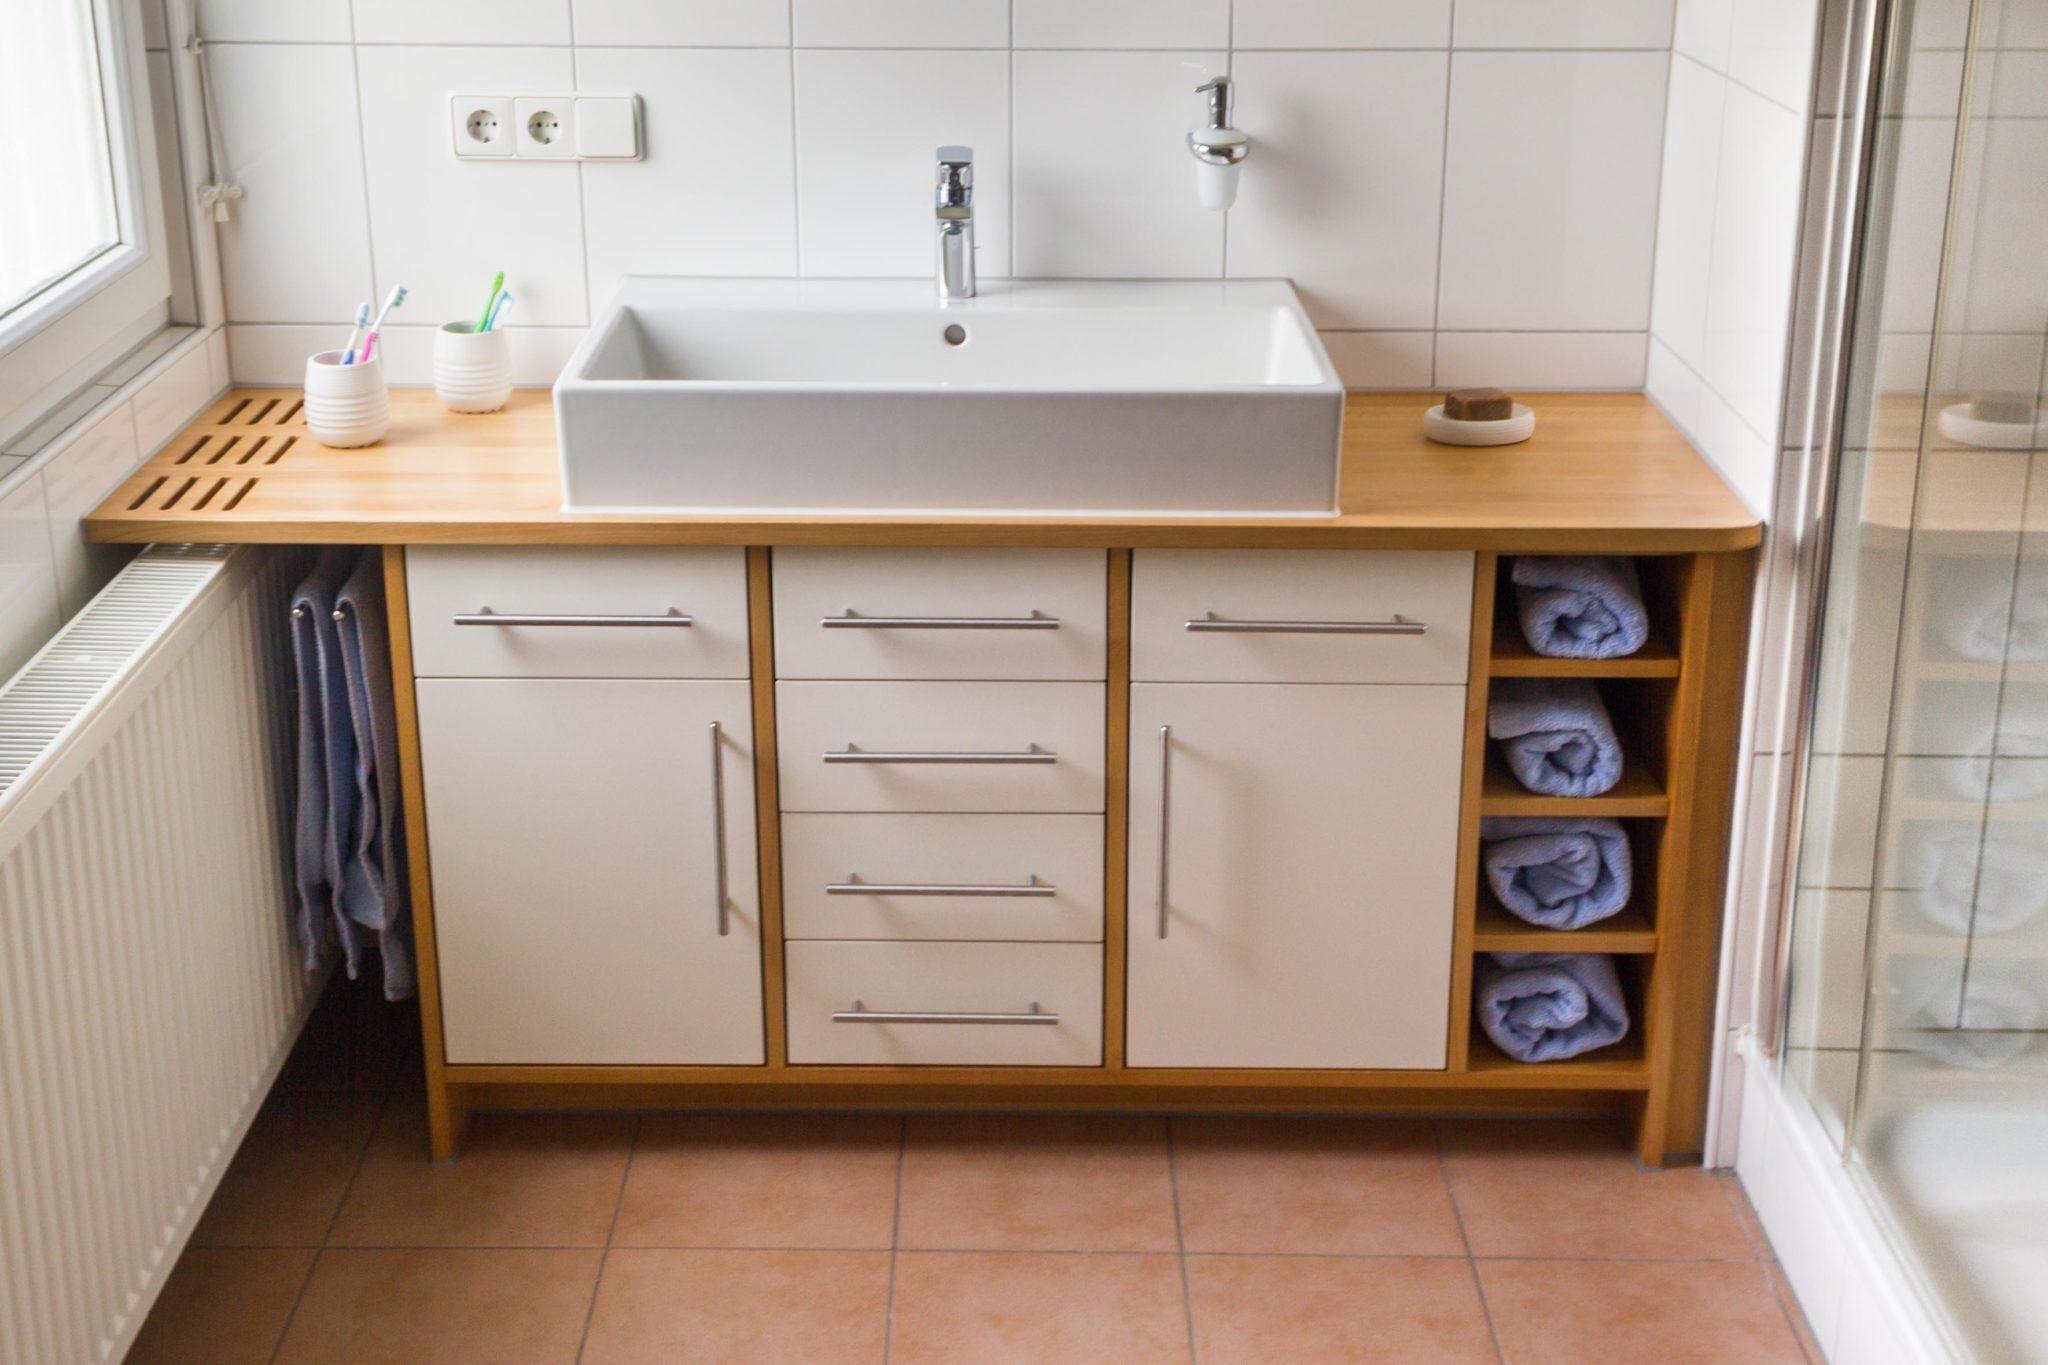 Waschtisch-Möbel aus Massivholz. Maßgefertigt. Badmöbel Individuell